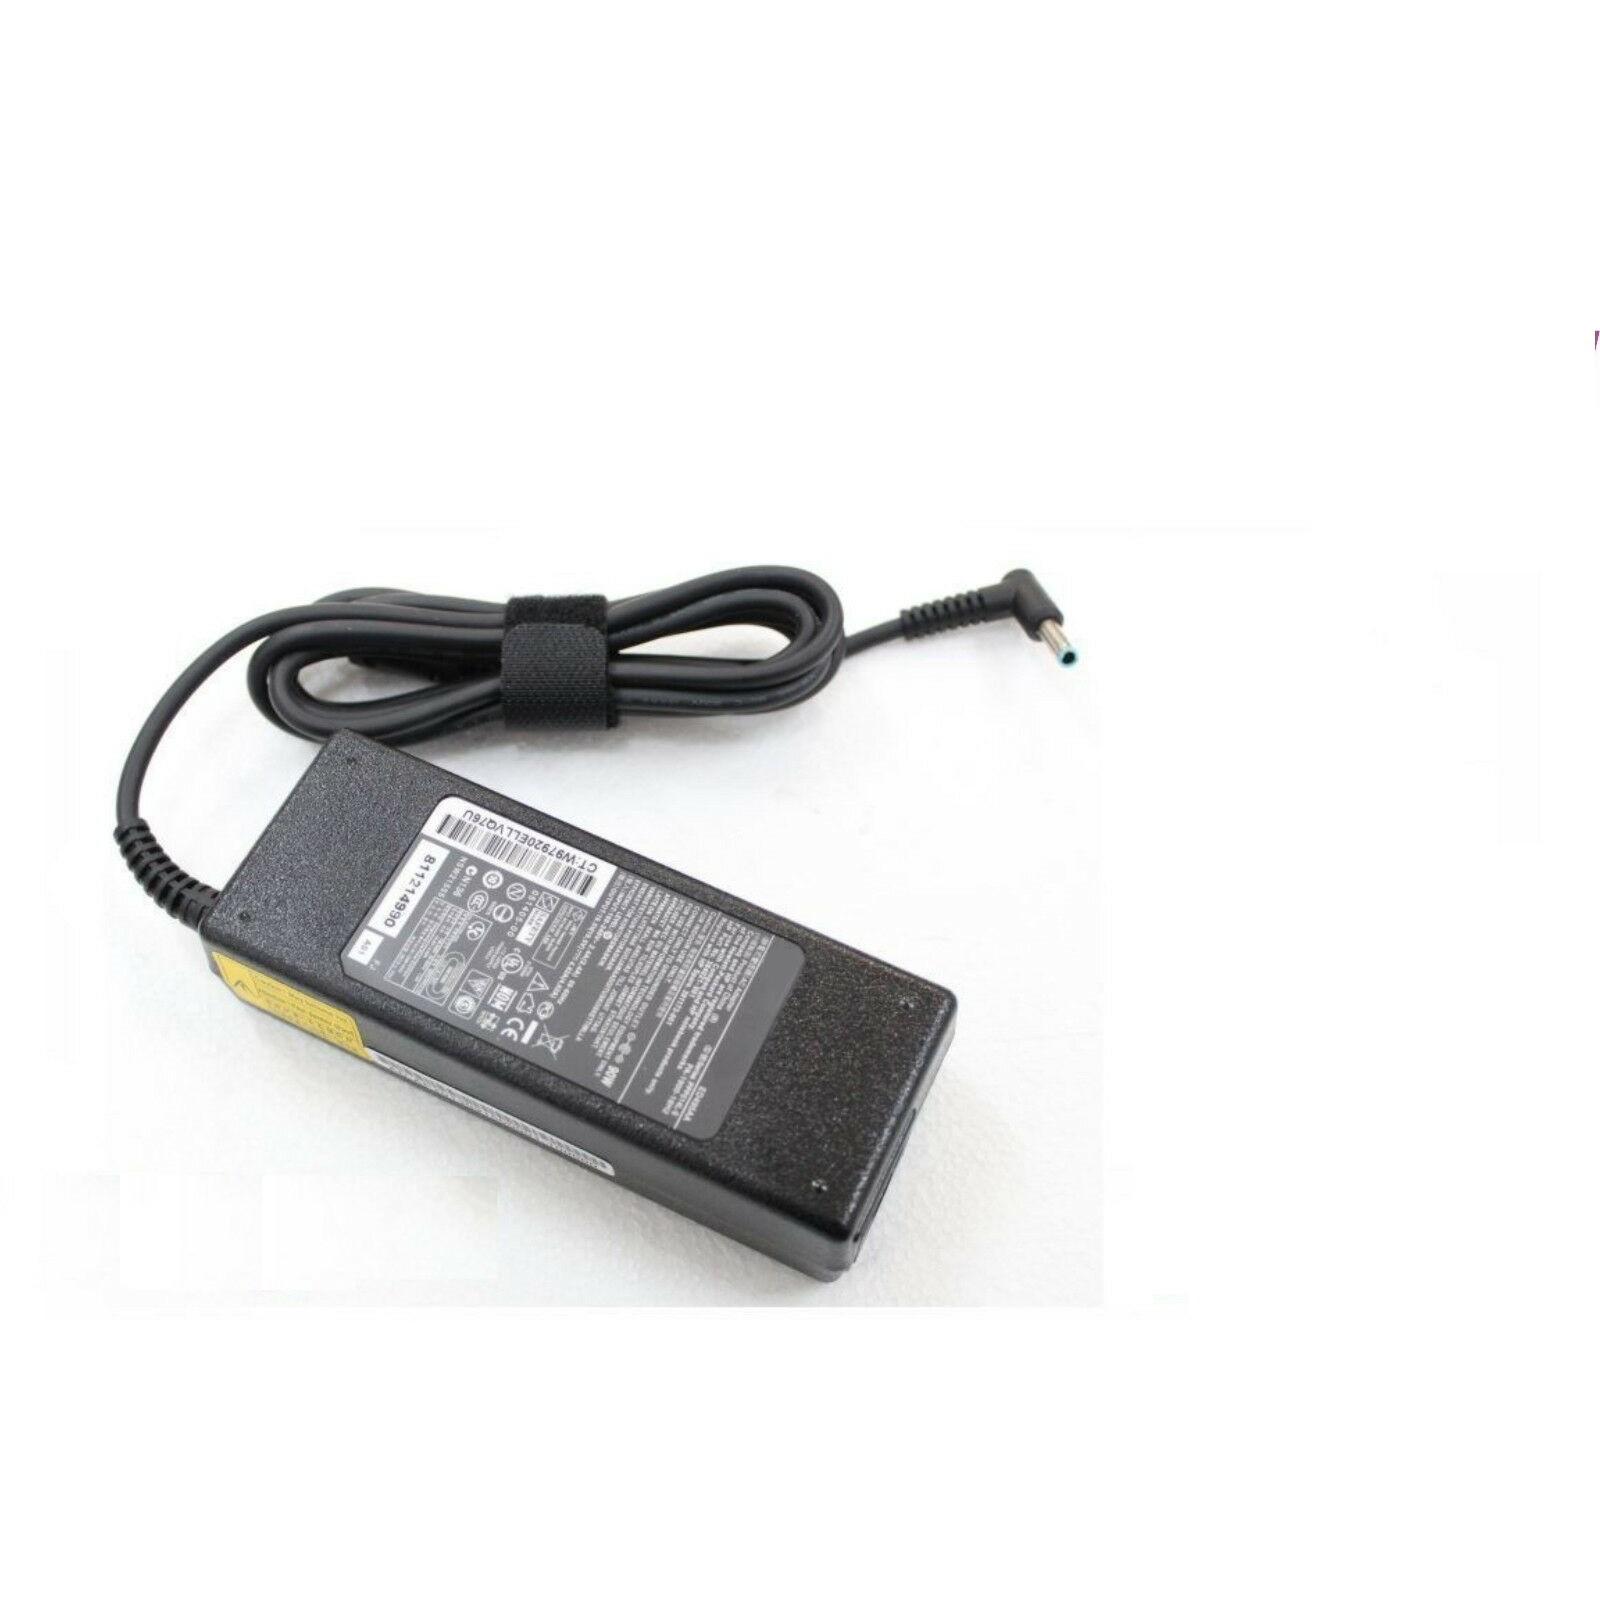 Sạc dành cho Laptop HP Pavilion 248 G2 G3 250 G2 G3, 248 G1, 19.5V- 4.62A 90W